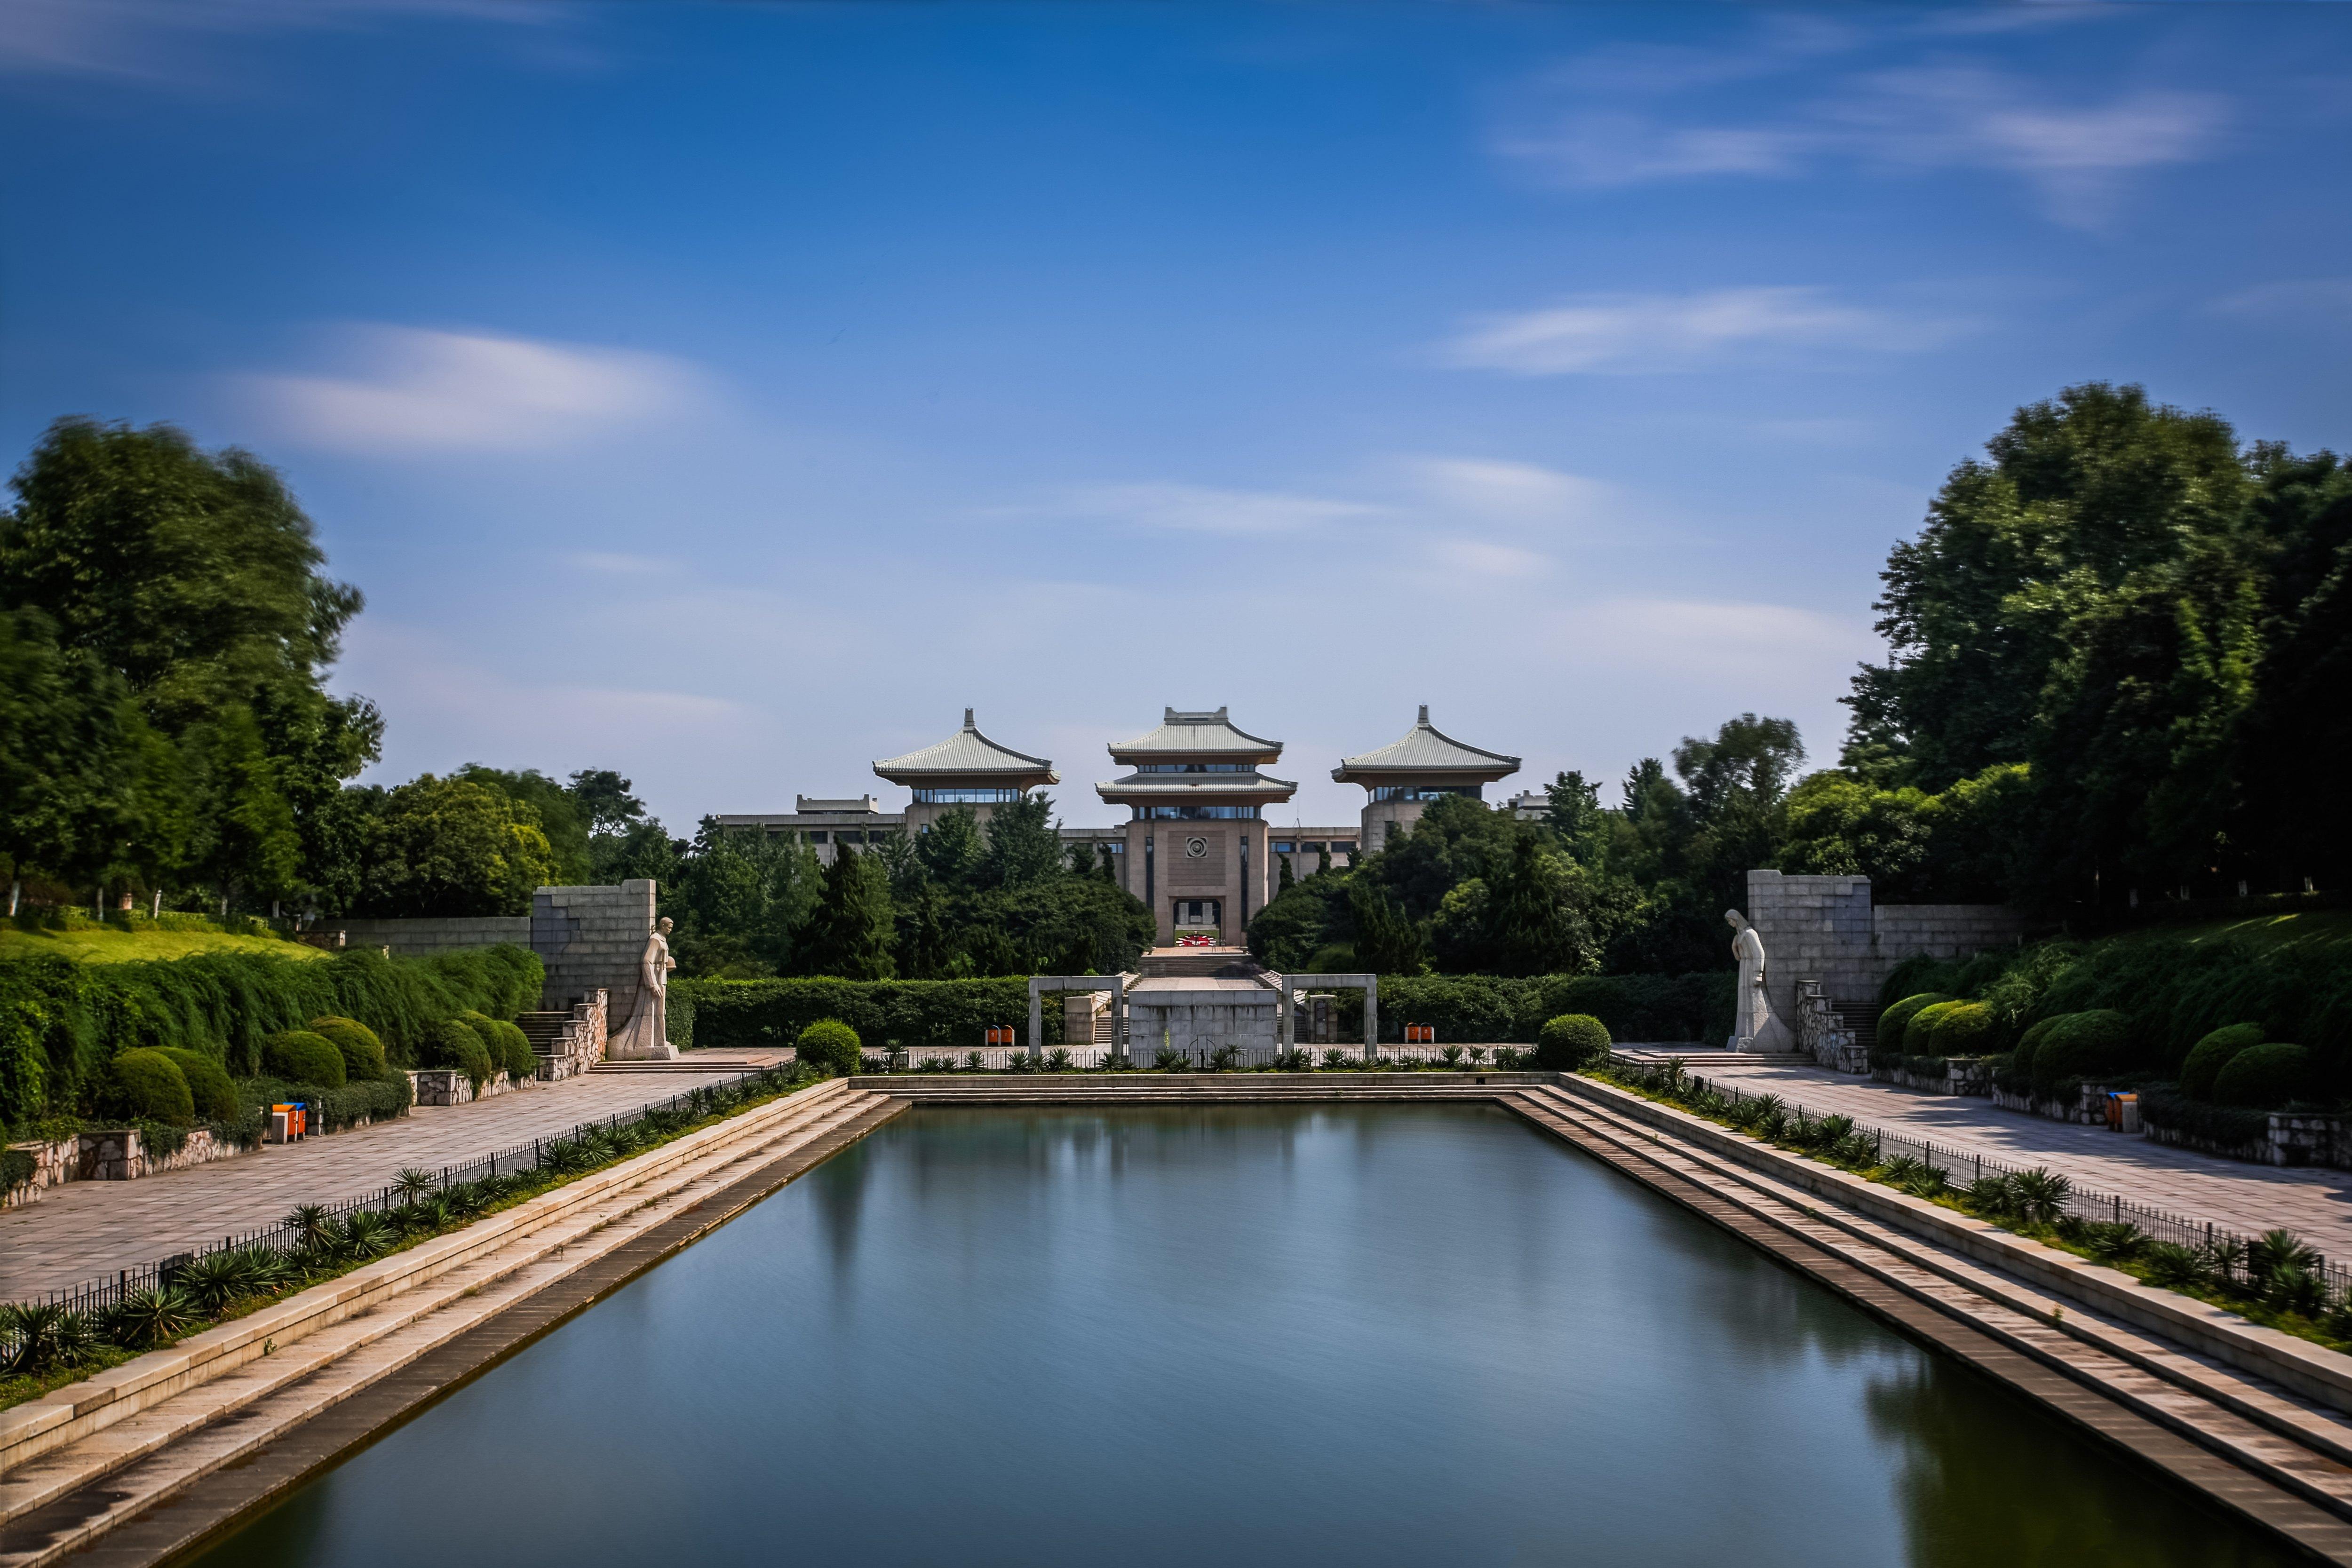 请问南京中山陵 夫子庙 玄武湖 总统府四个景点怎样游览好图片